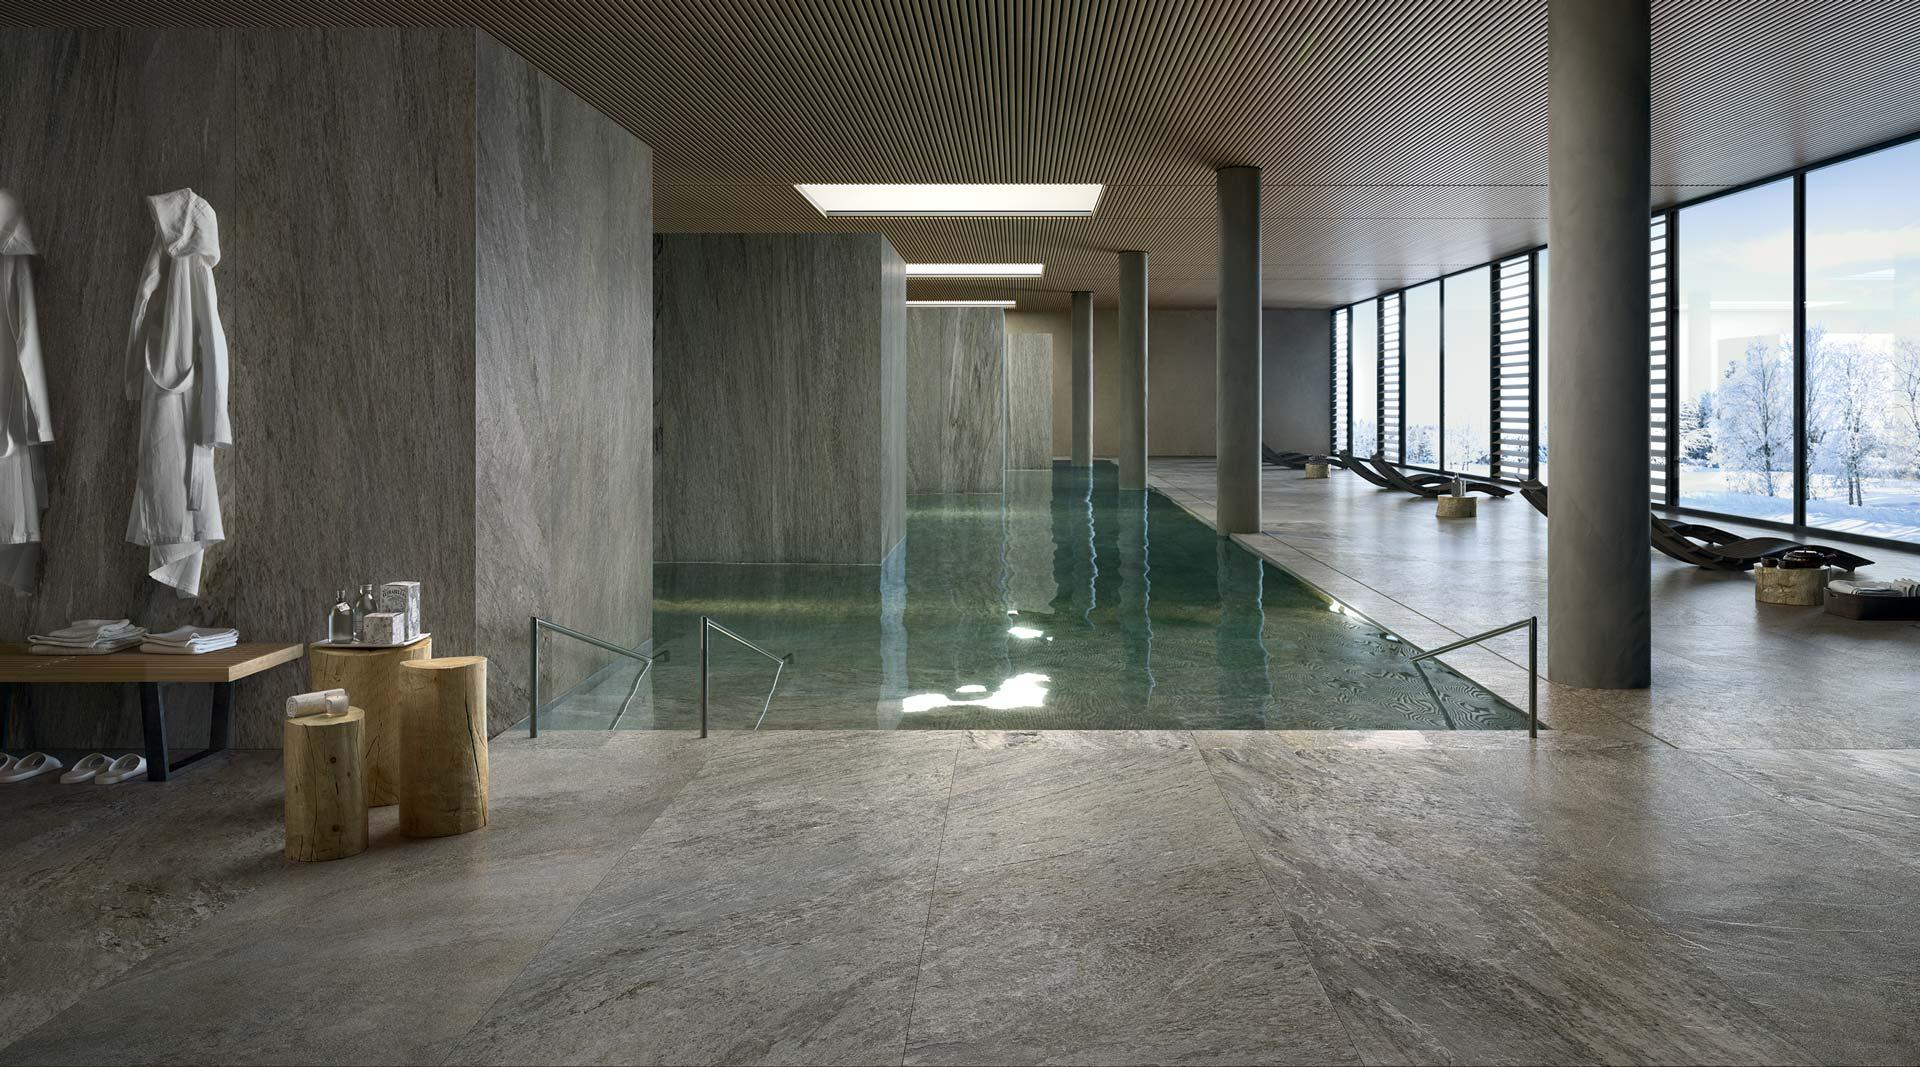 Piastrelle per piscine centri welness spa florim ceramiche s p a